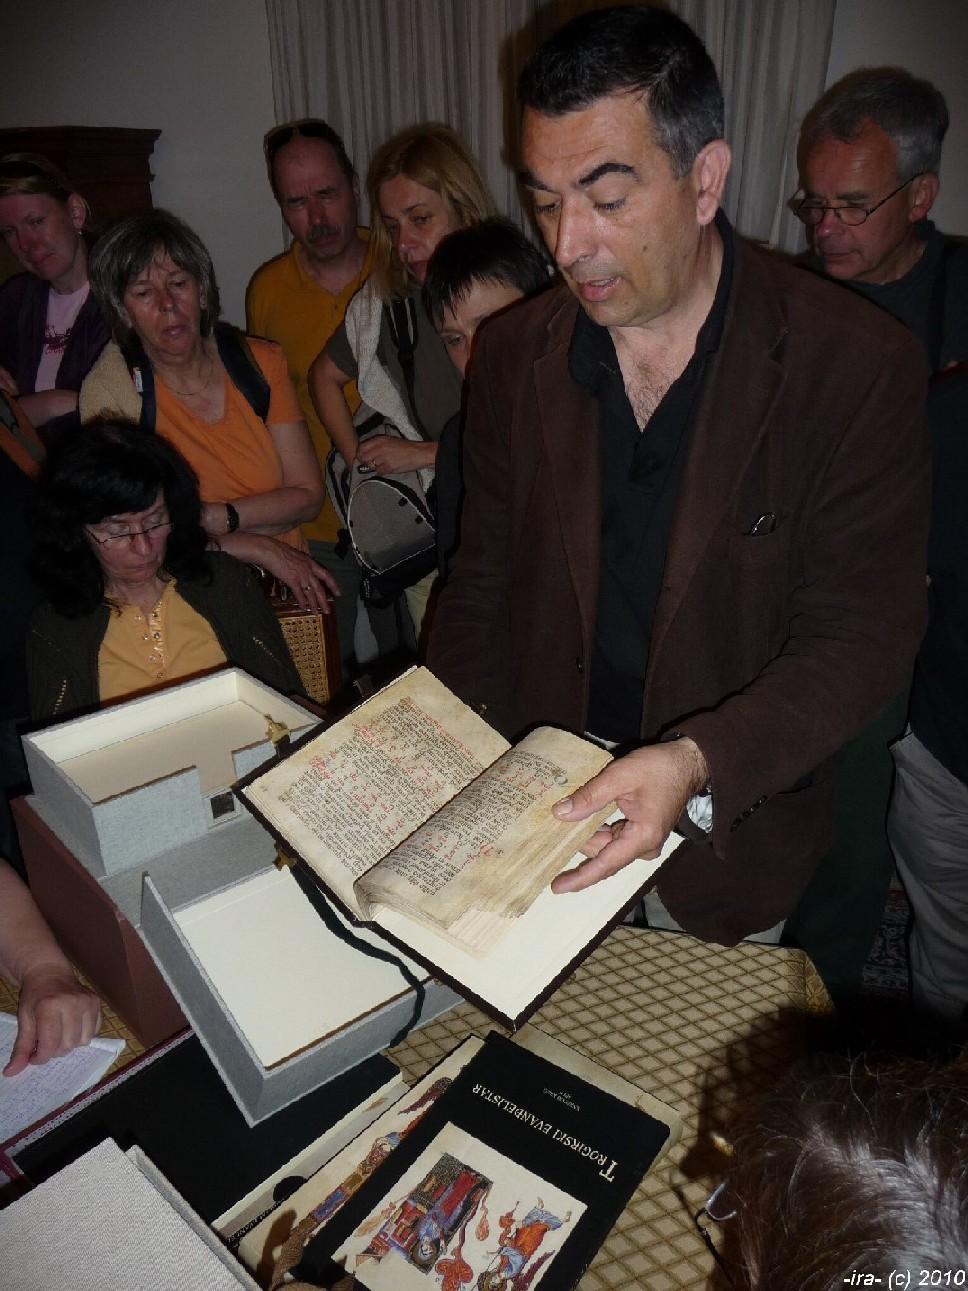 Architekt Bužančić s rukopisy biskupského archivu v Trogiru